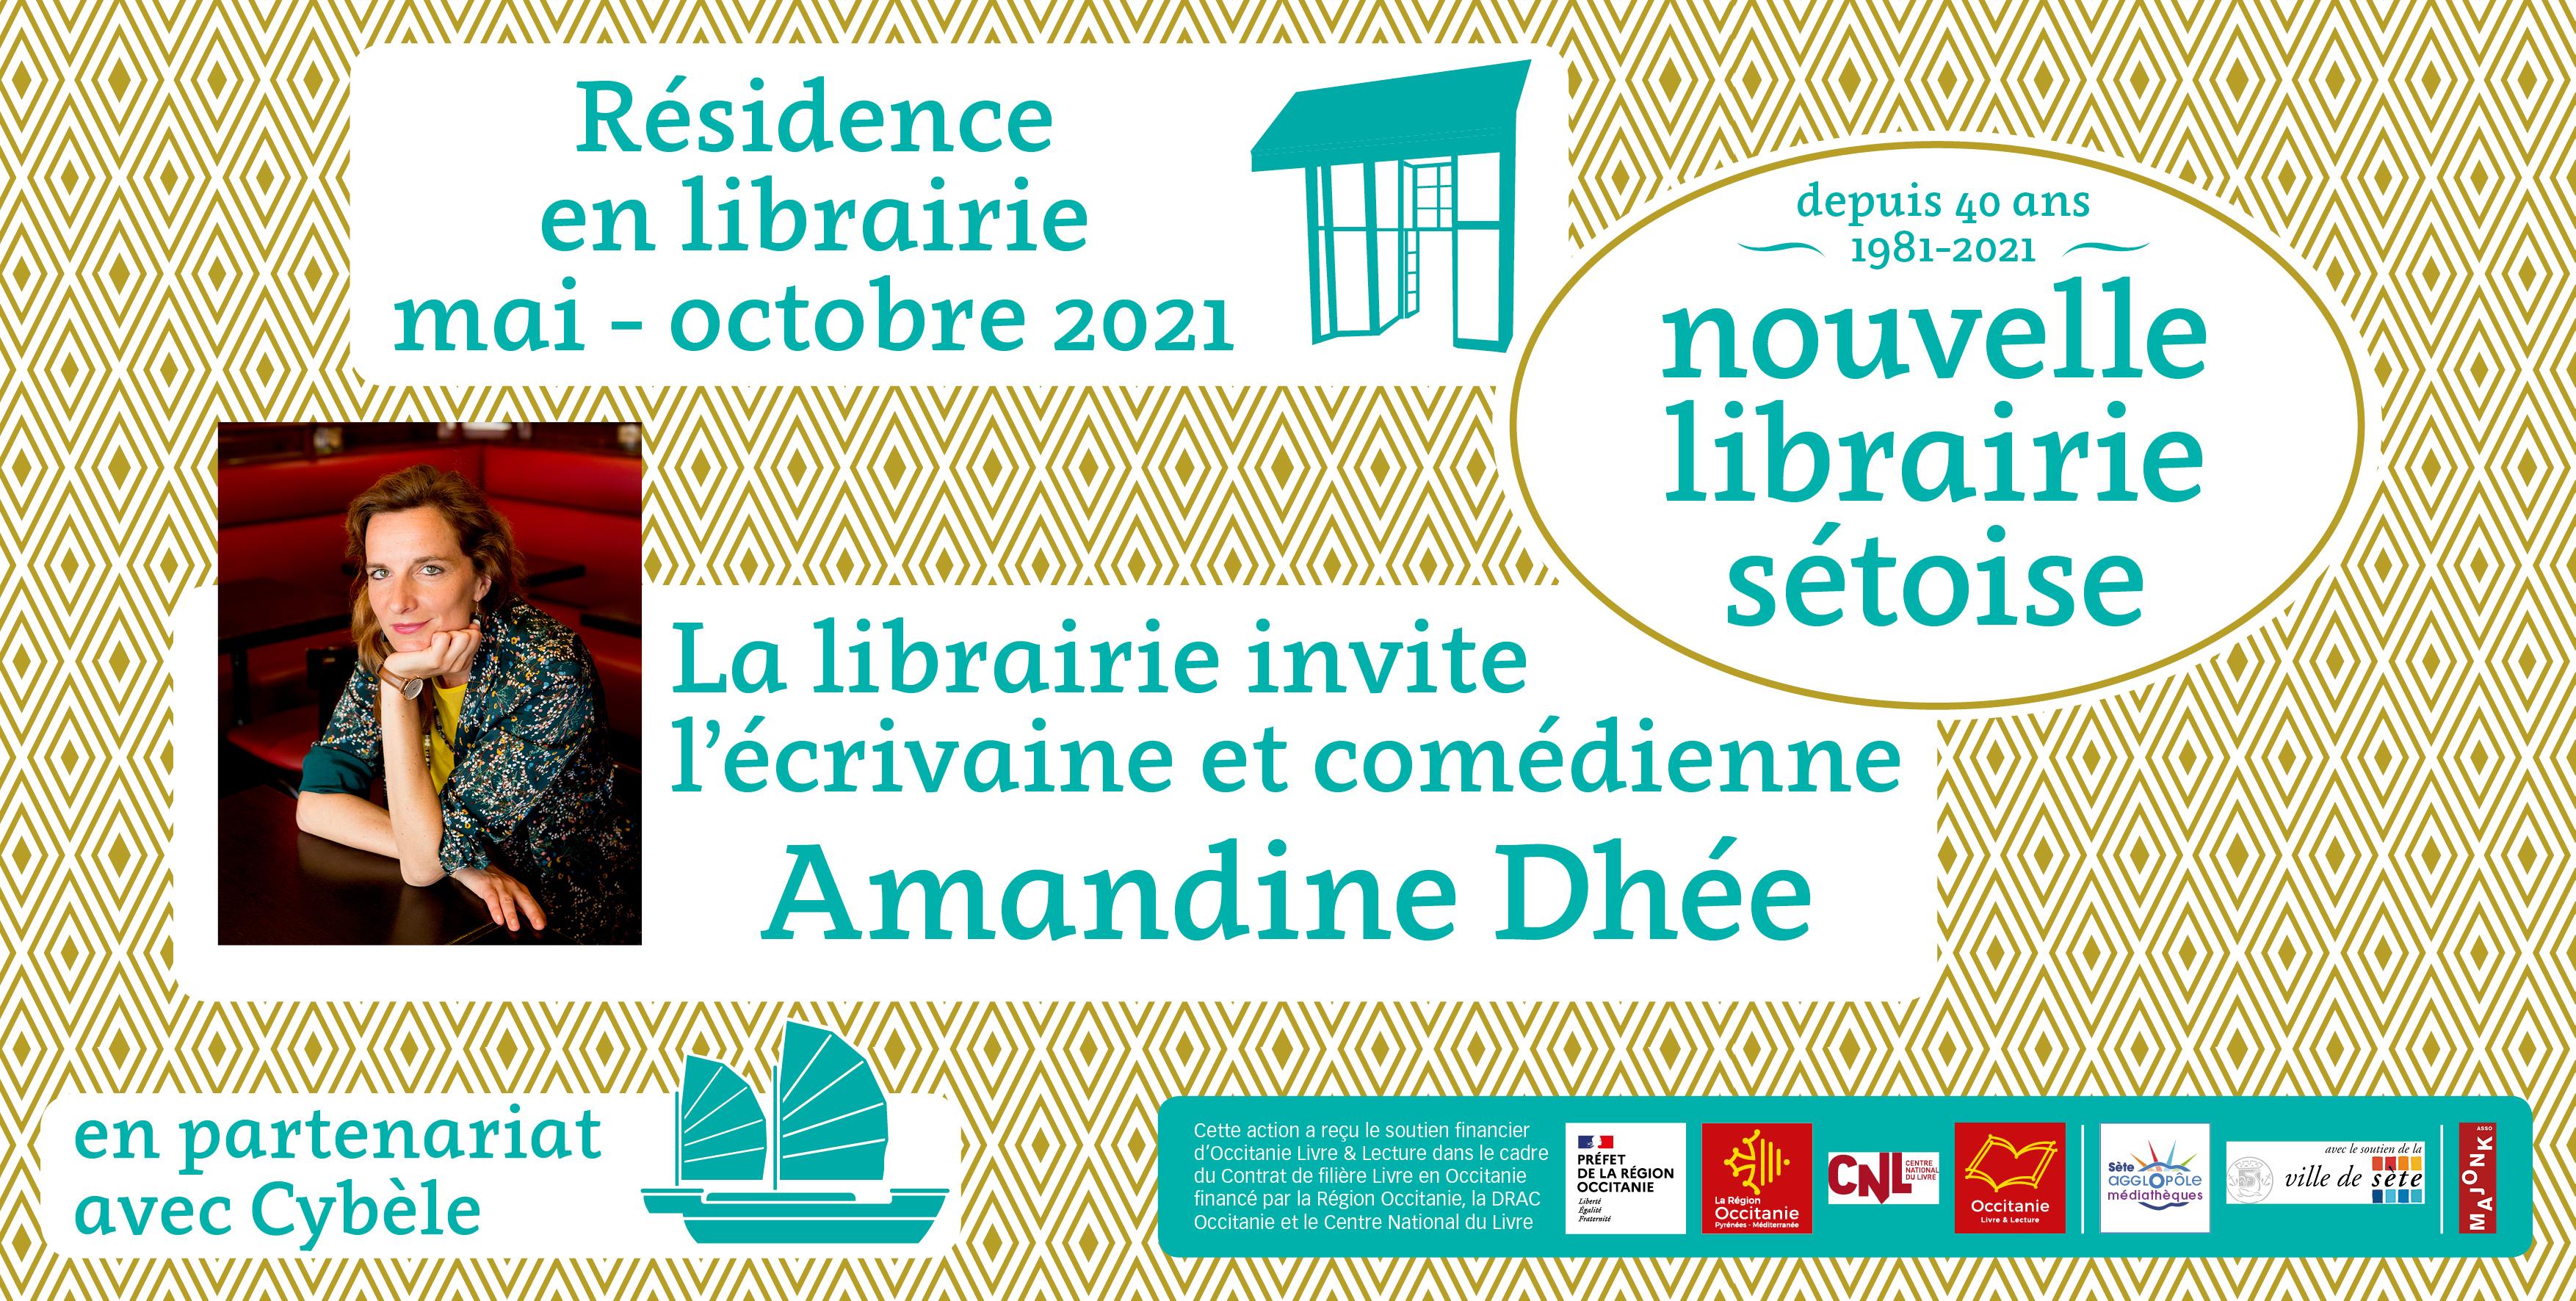 La librairie invite...